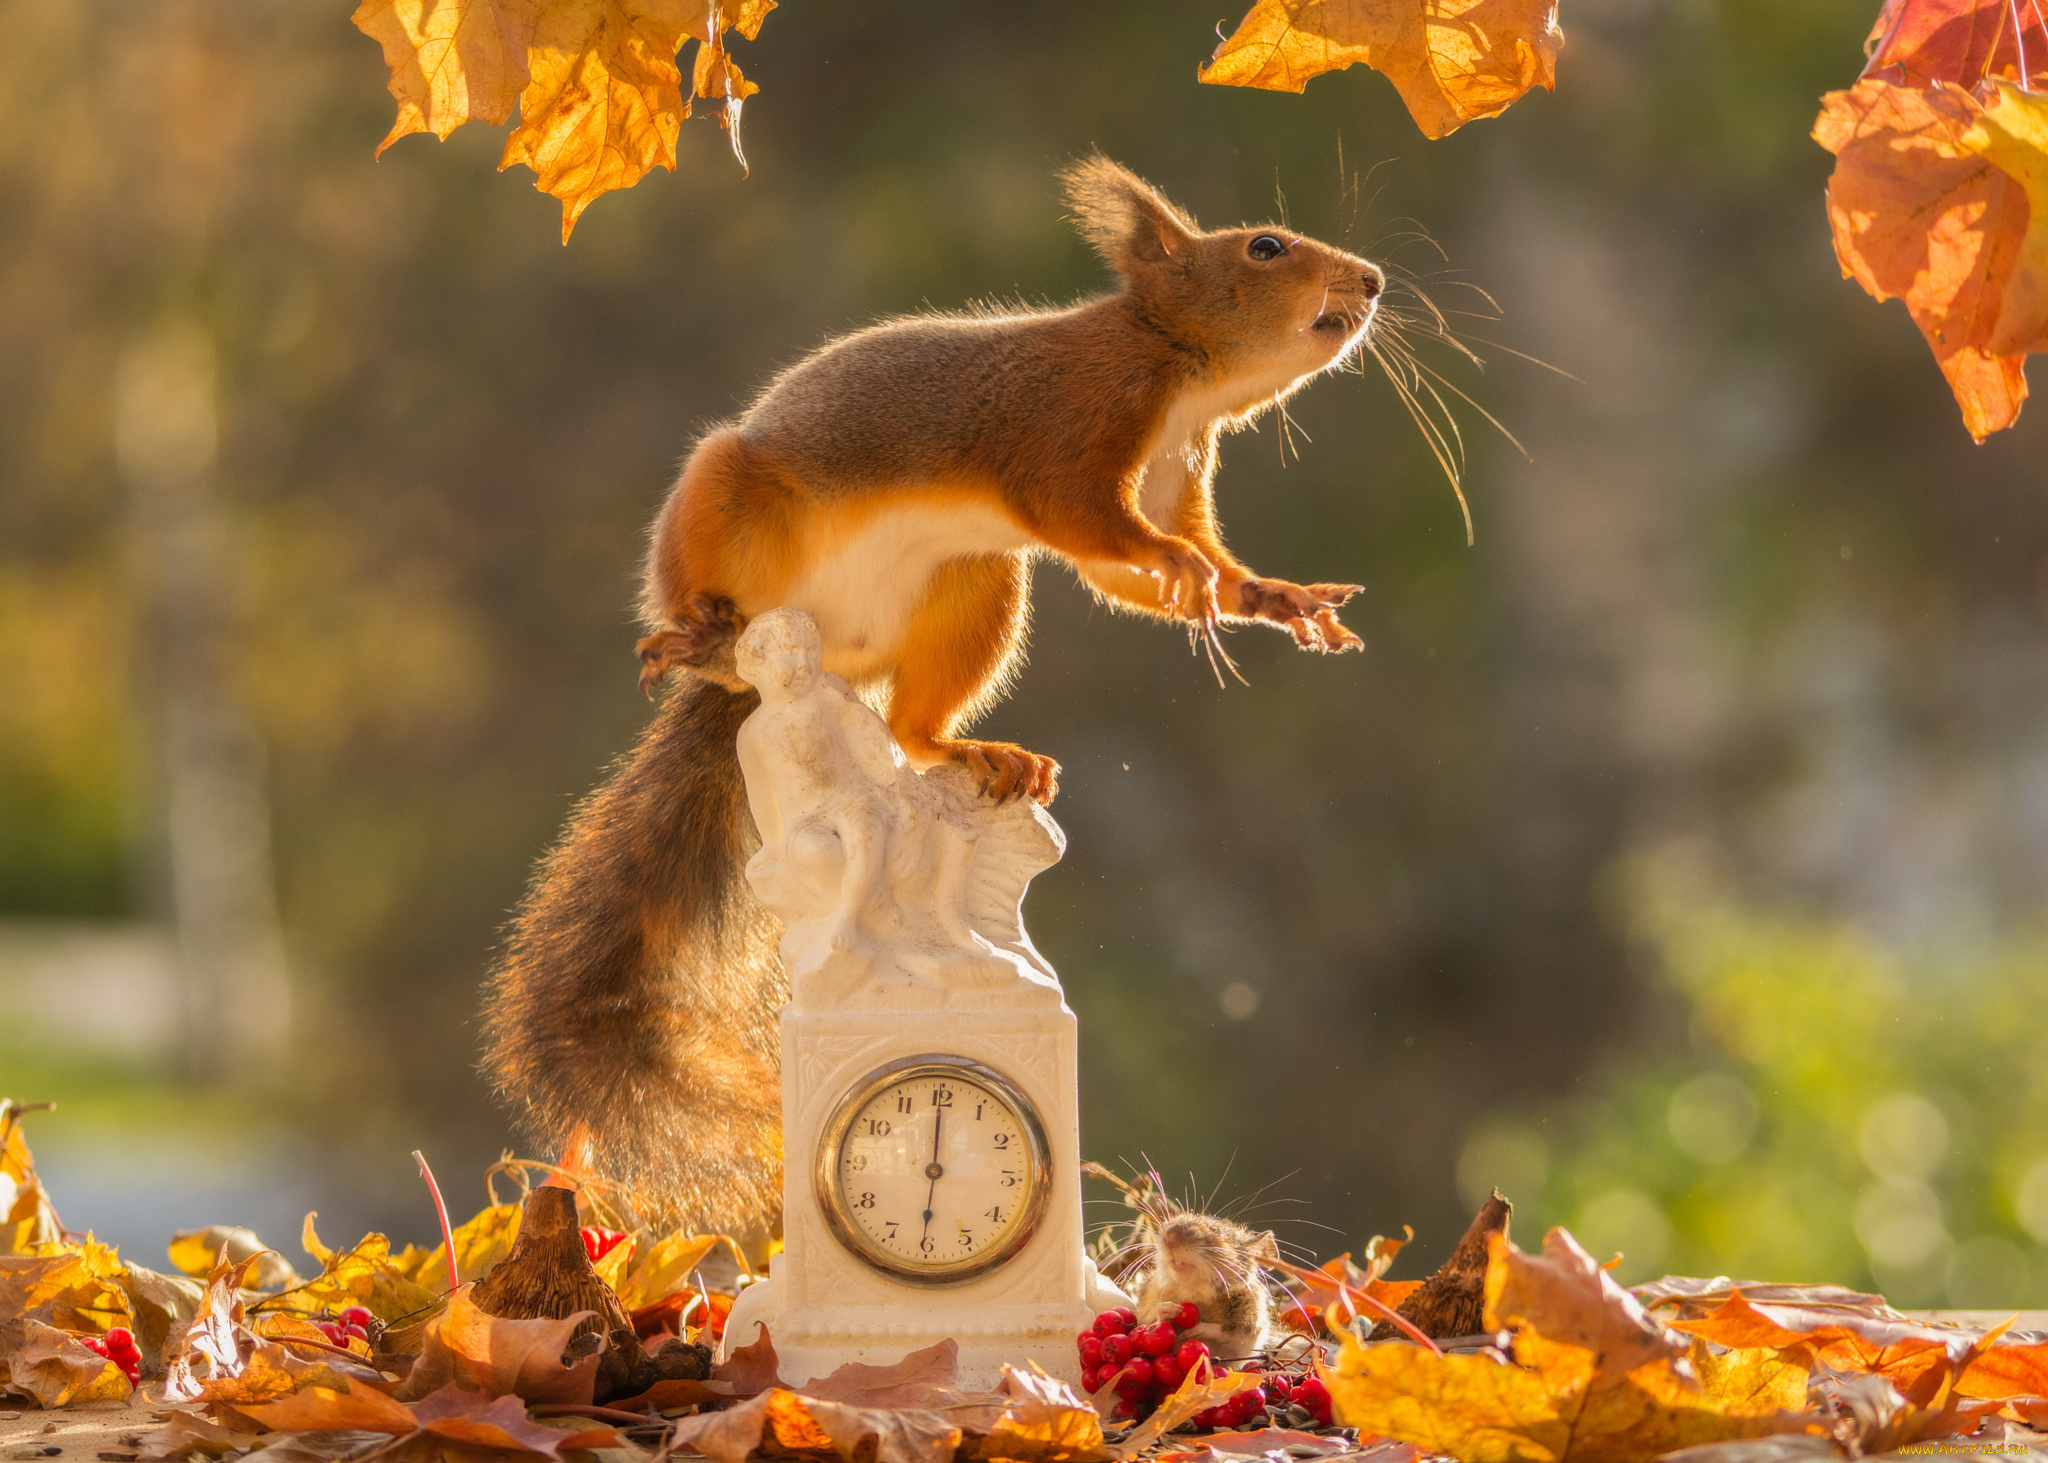 Картинки осень с животными красивые и смешные, сказками эдуарда успенского